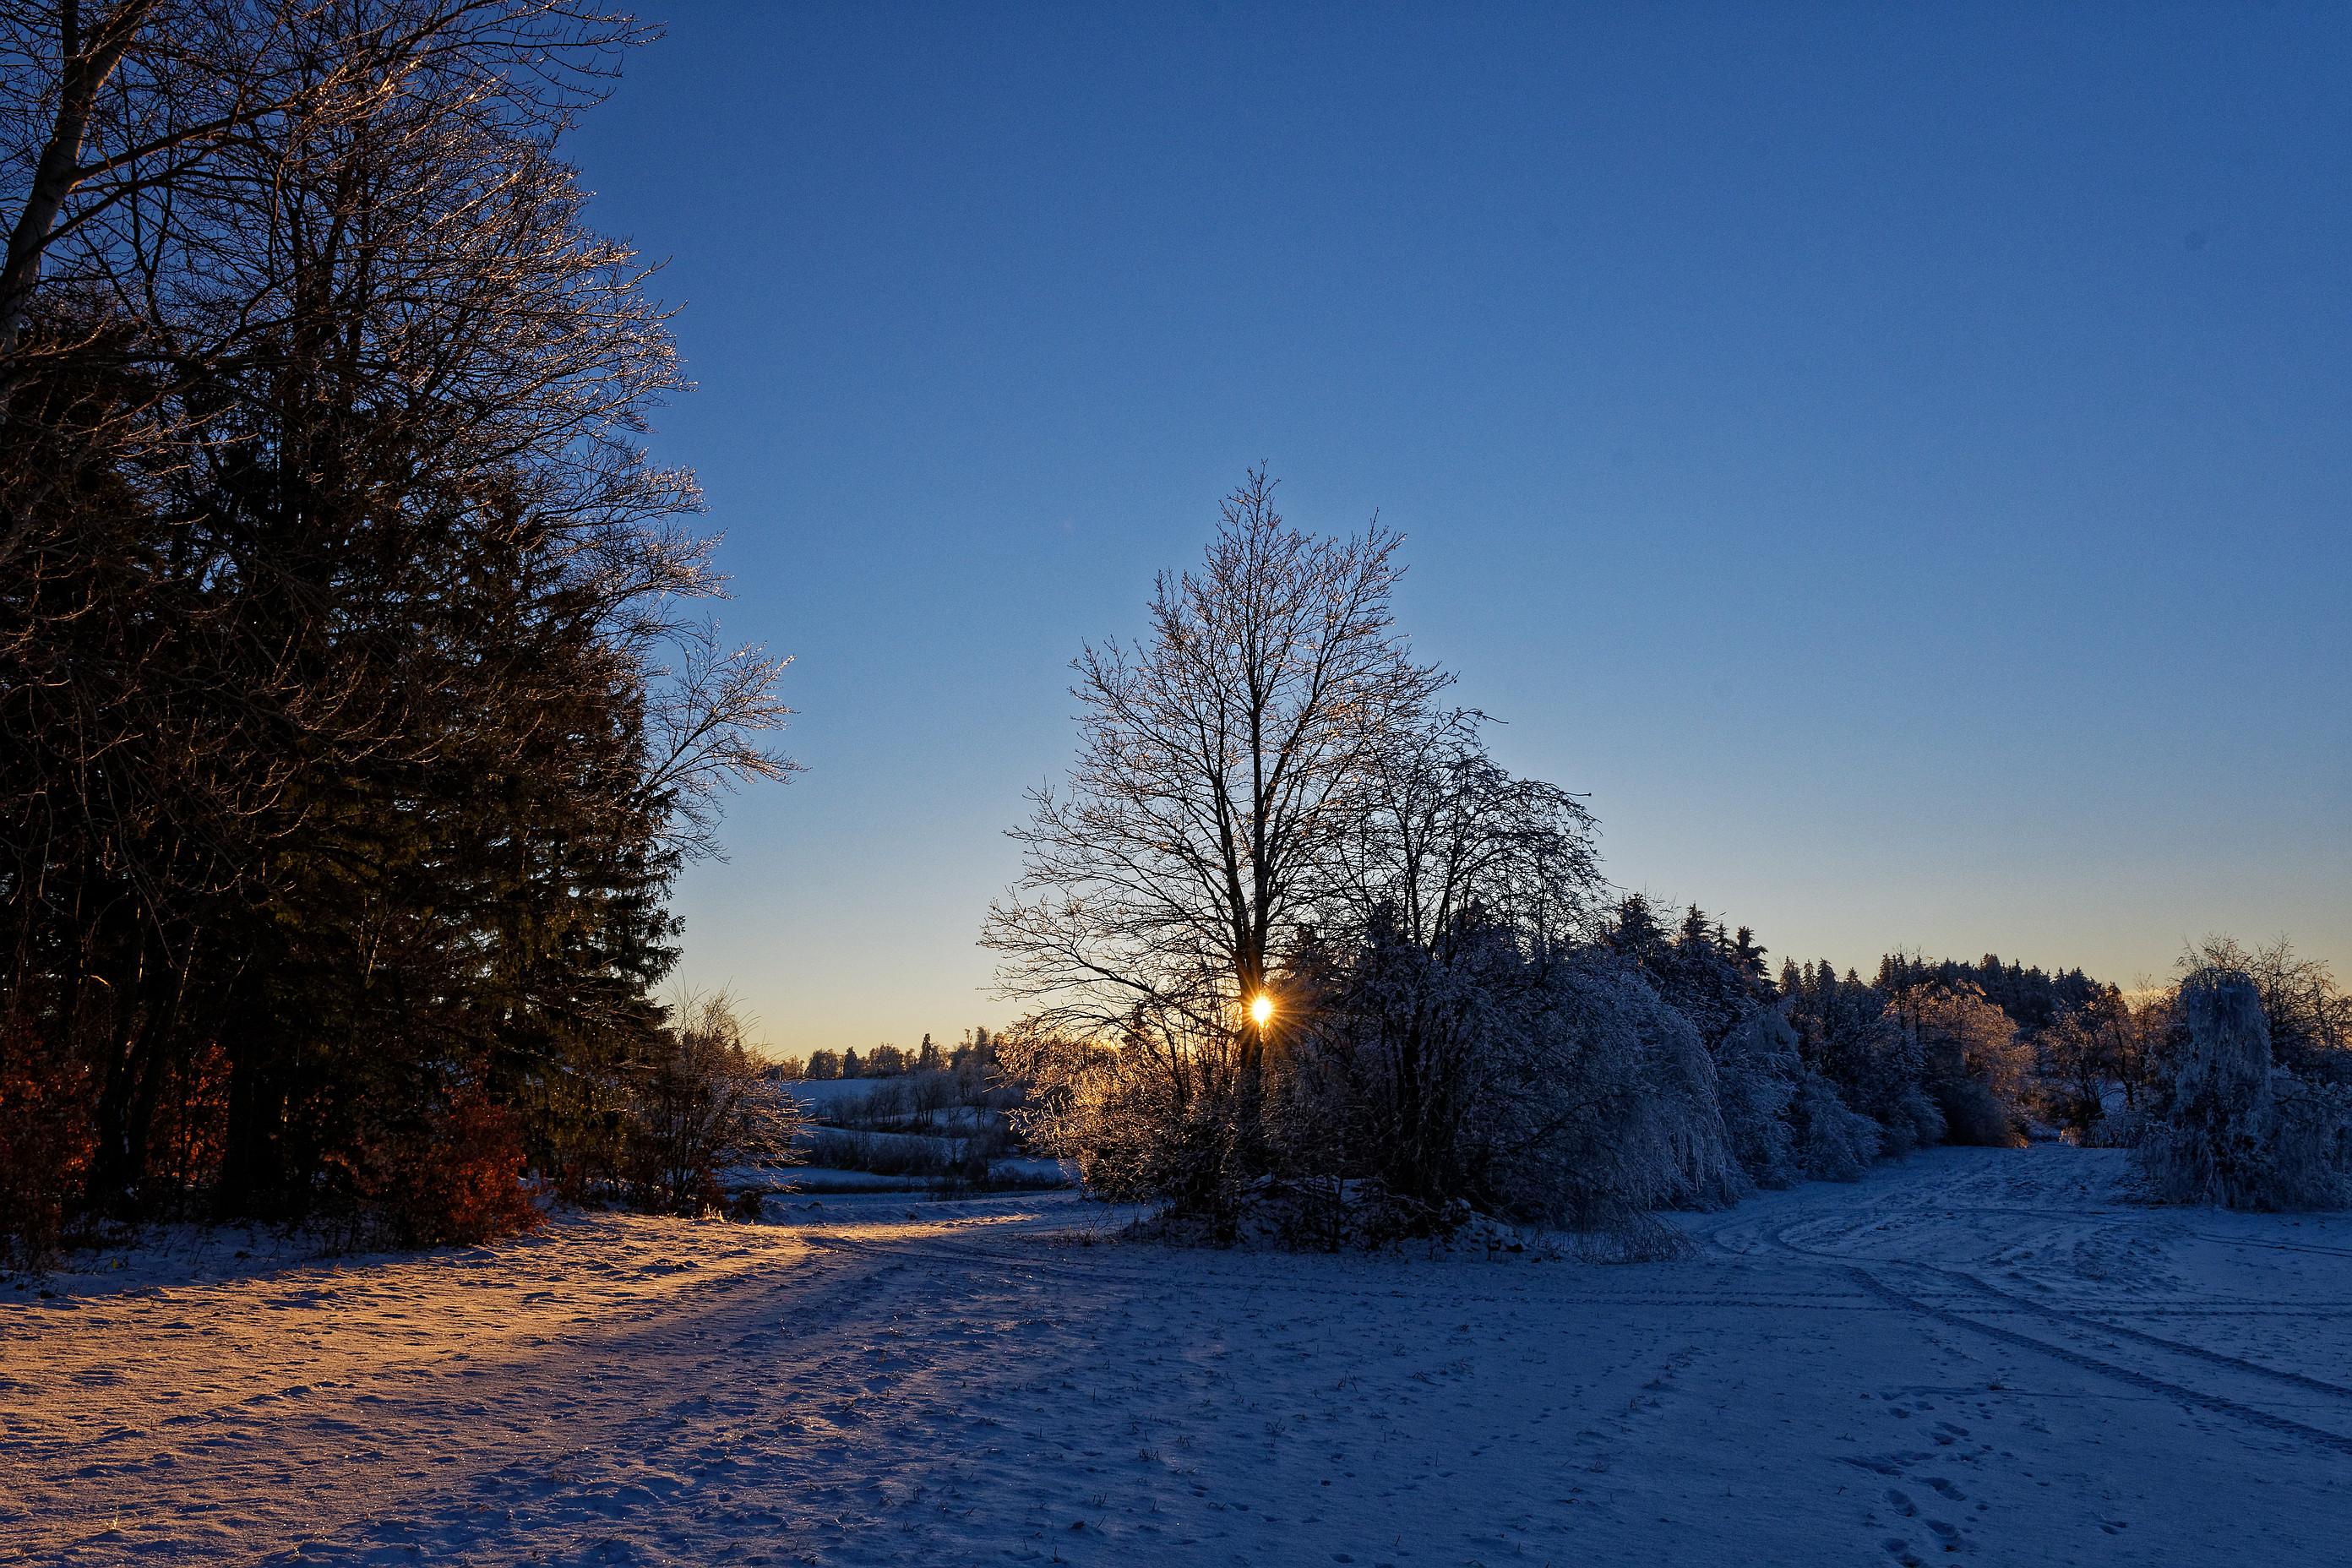 abendstimmung im schnee 2021-02-18